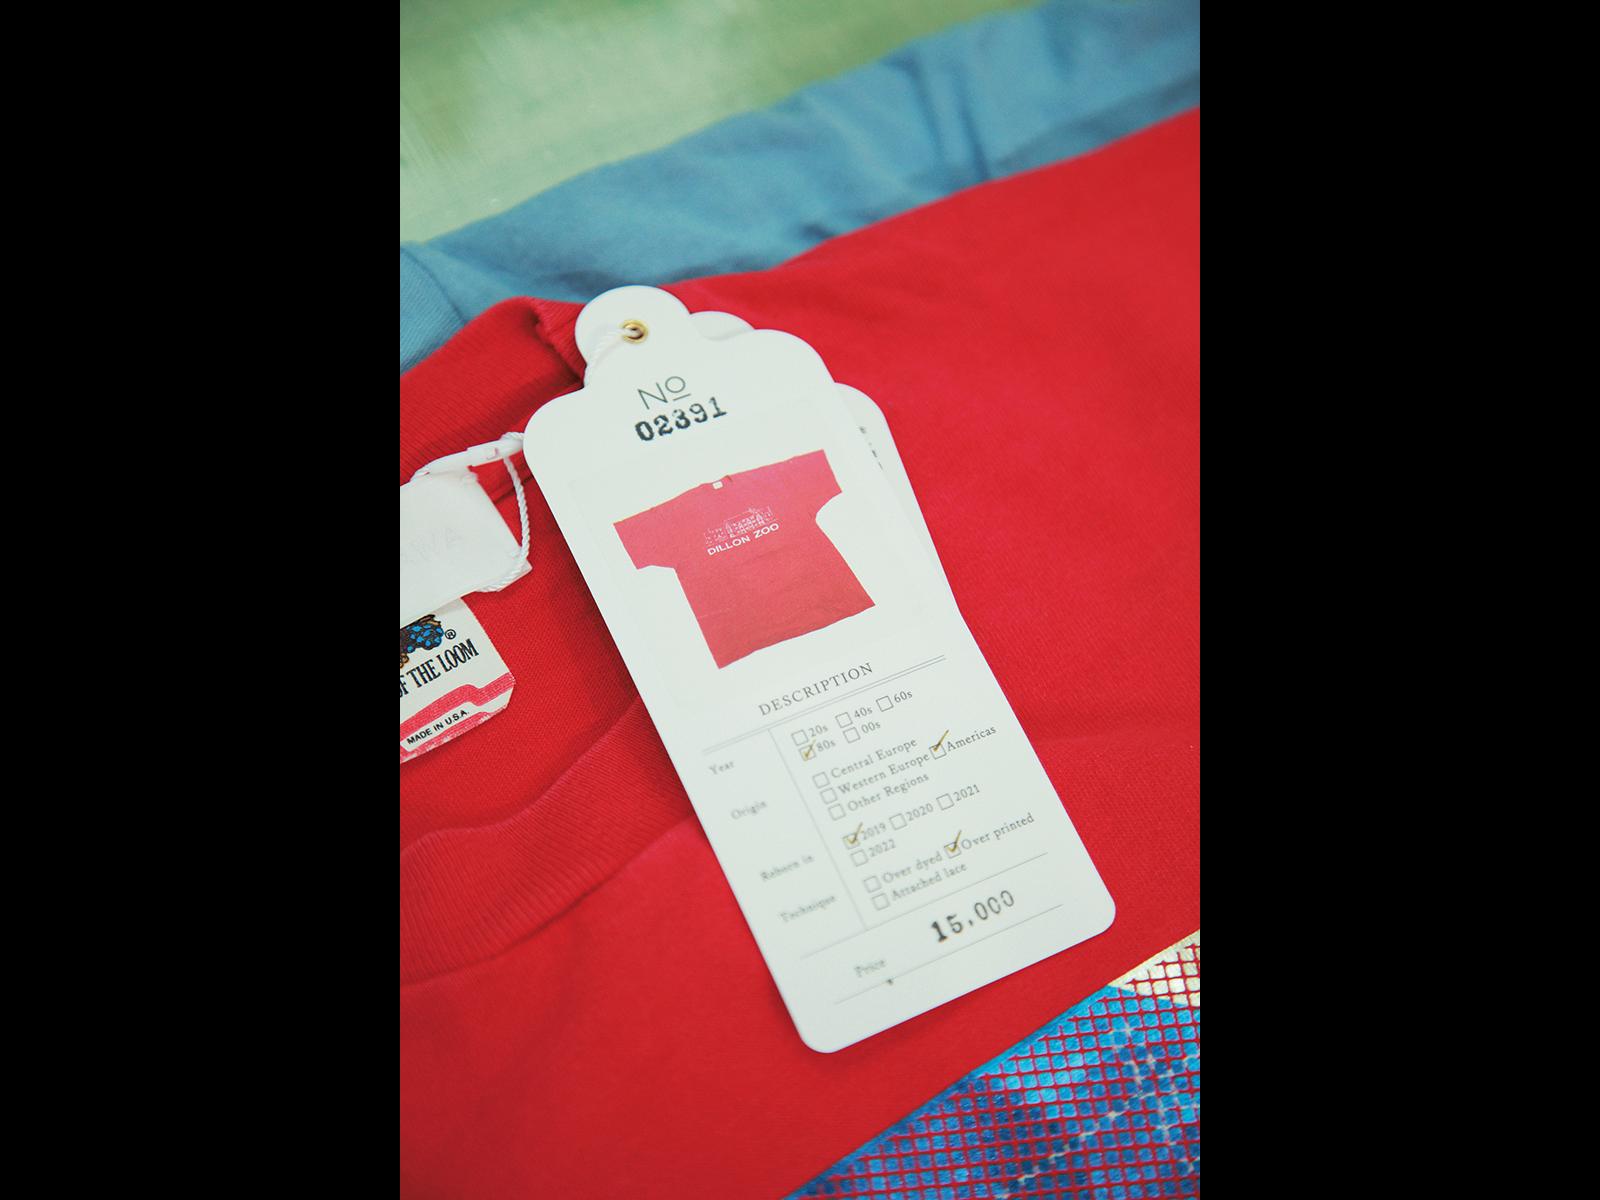 タグには元の衣類のスペックを表記。